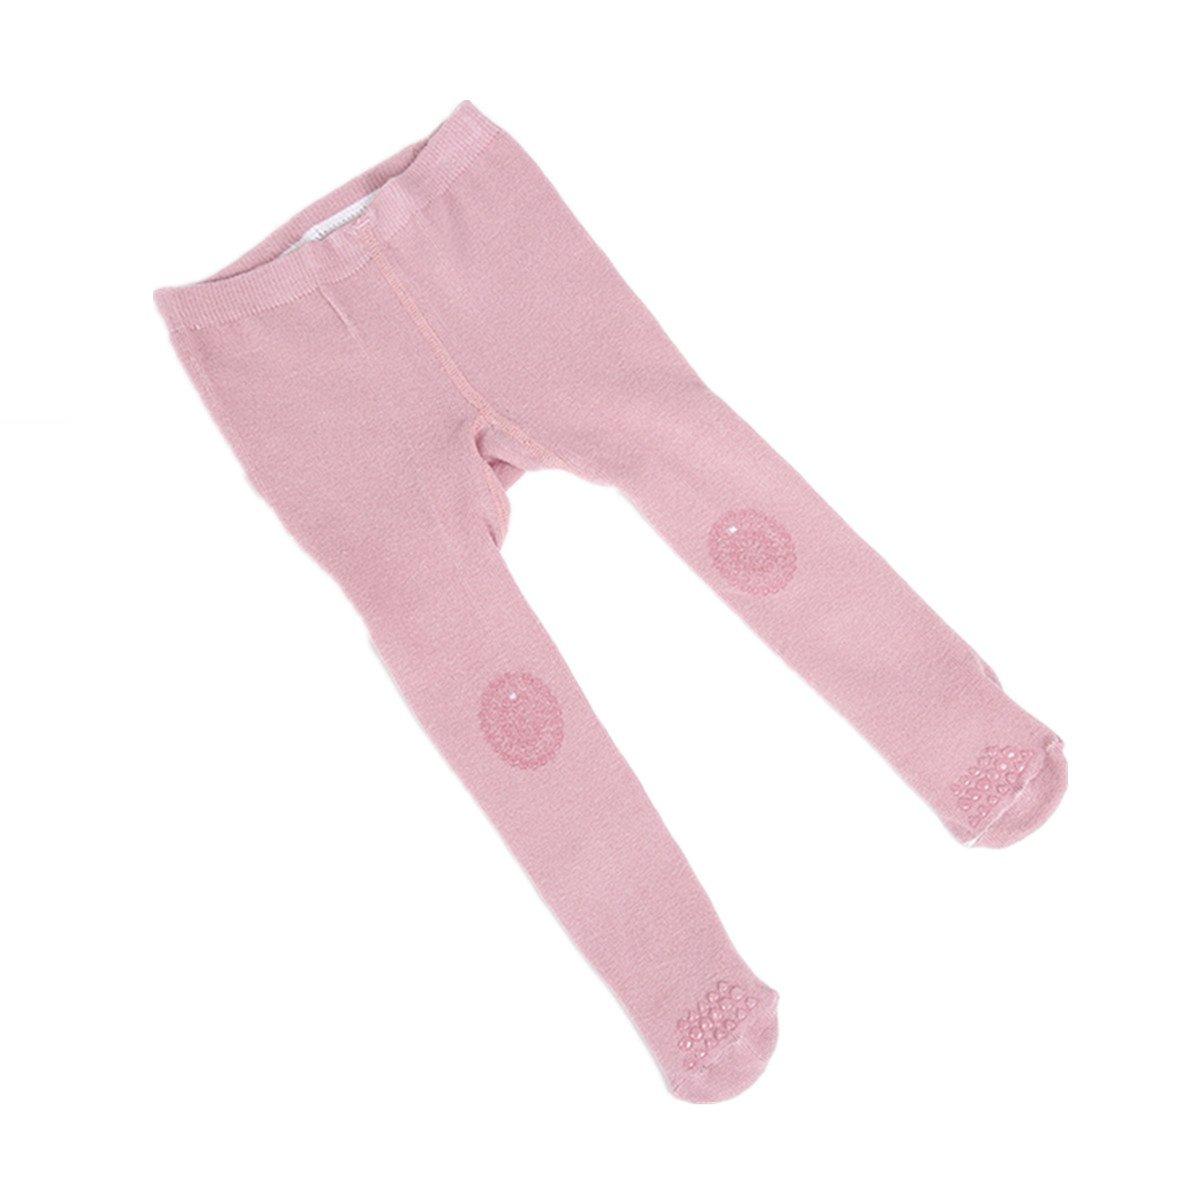 Puseky Baby Girls Pantyhose Anti-Slip Socks Tights Legging Pants Warm Stockings